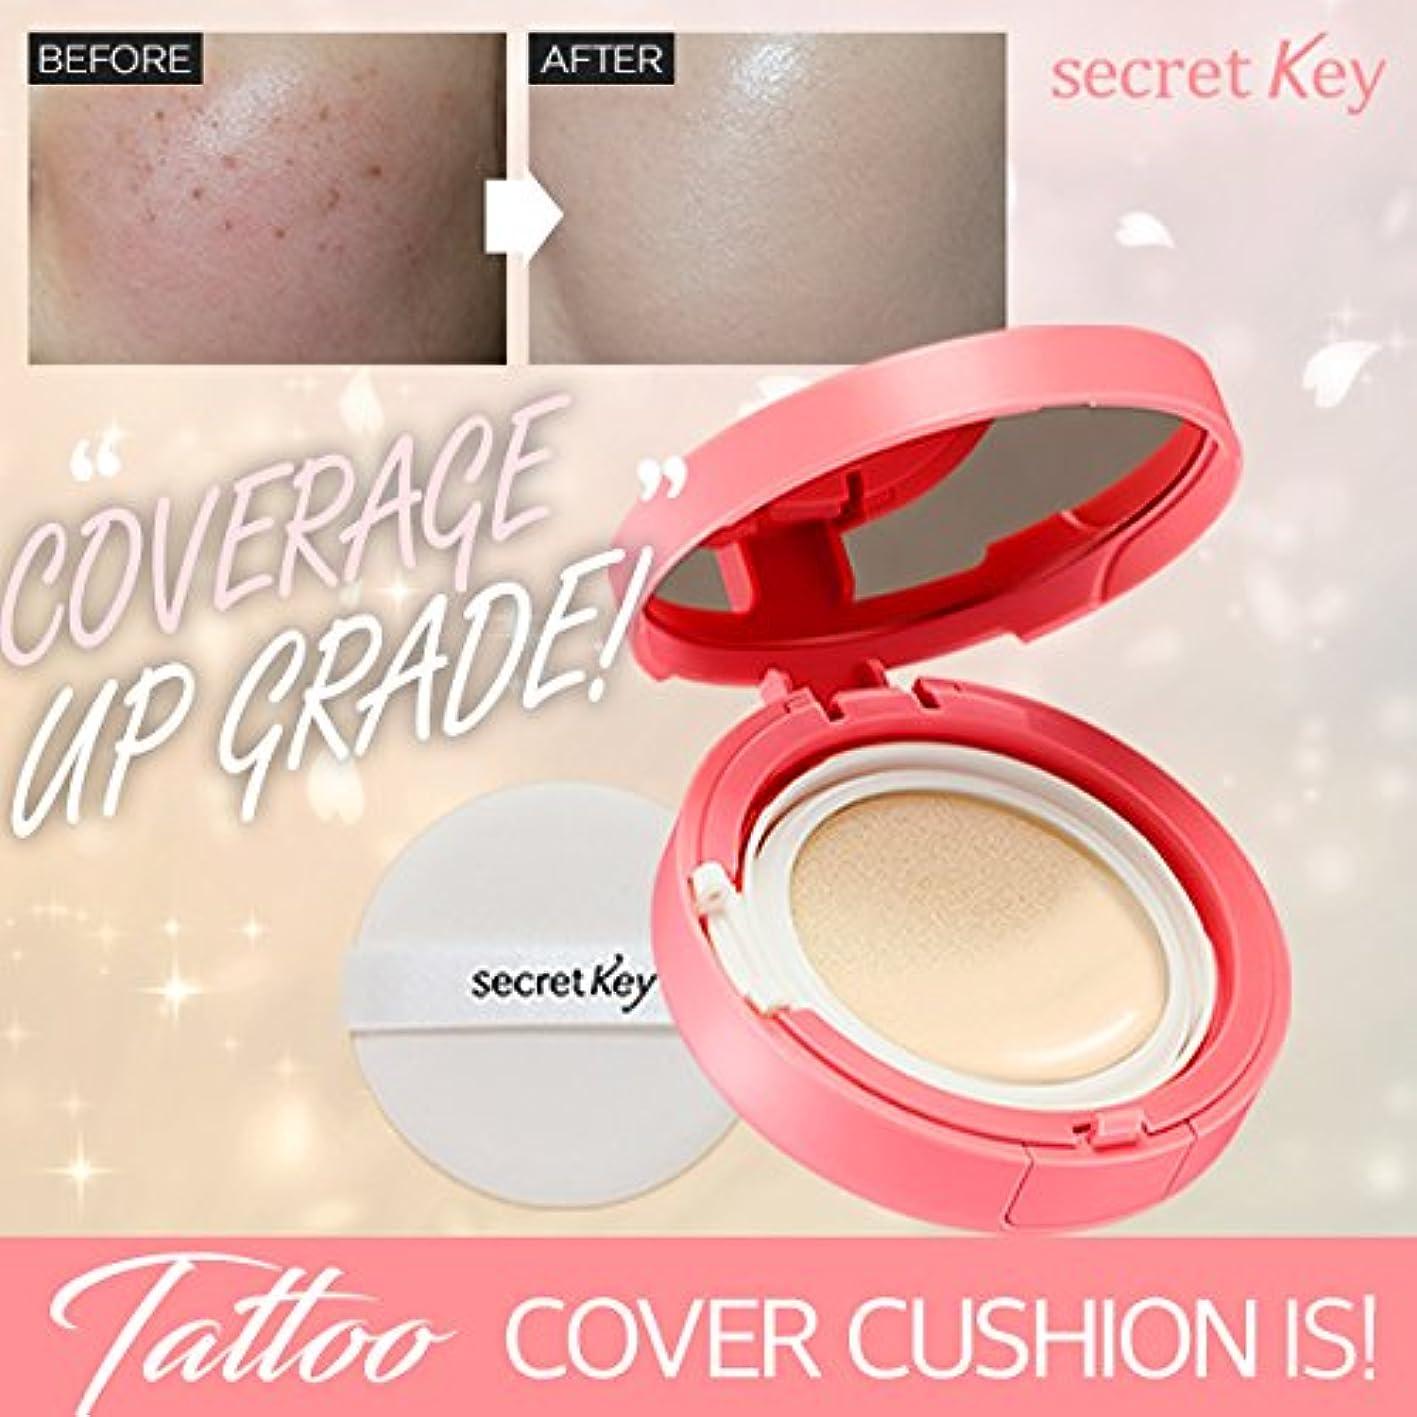 スクランブルハブ新しさSecretkey シークレットキー タトゥーカバークッション14g ピンクエディション 期間限定 Tattoo Cover Cushion Pink Edition 海外直送品 (ライトベージュ21号)